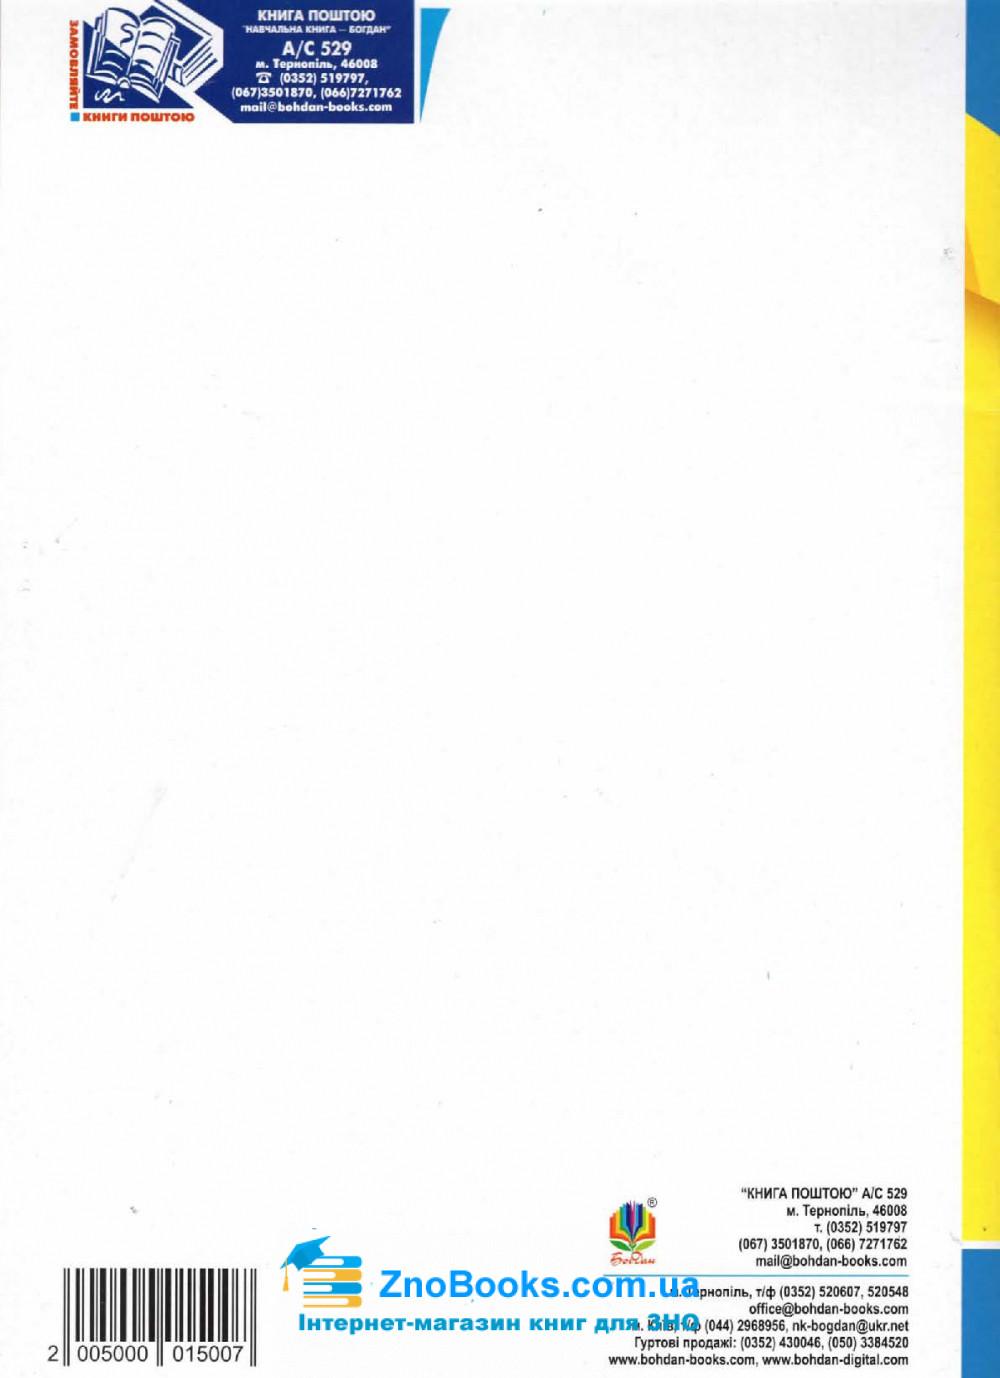 ЗНО 2021 Біологія. Тестові завдання. Олійник І. Навчальна книга - Богдан. купити 11